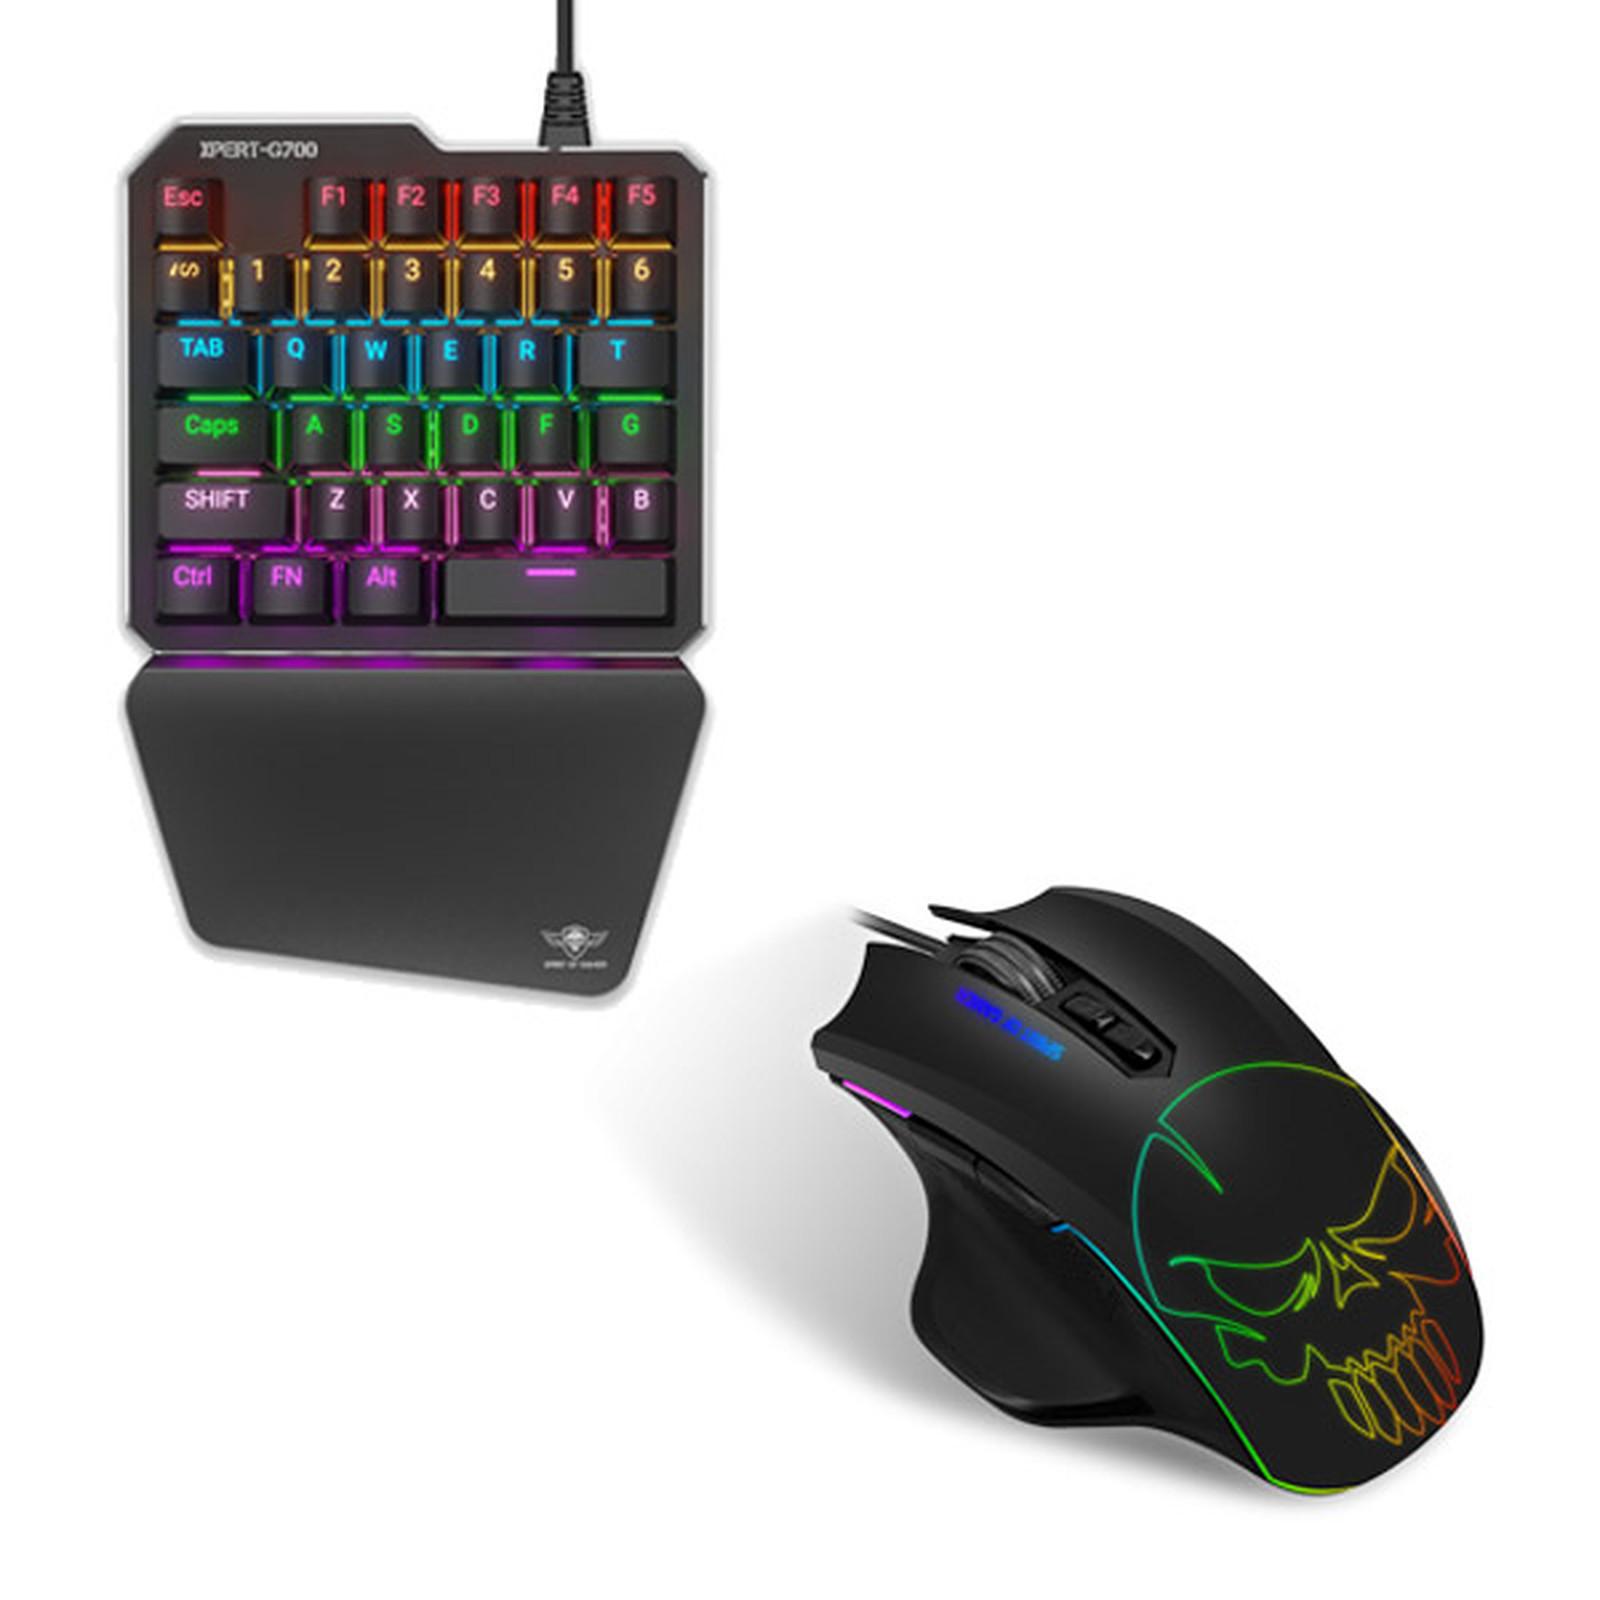 Spirit of gamer Xpert Gameboard-G700 + Xpert Gameboard-M700